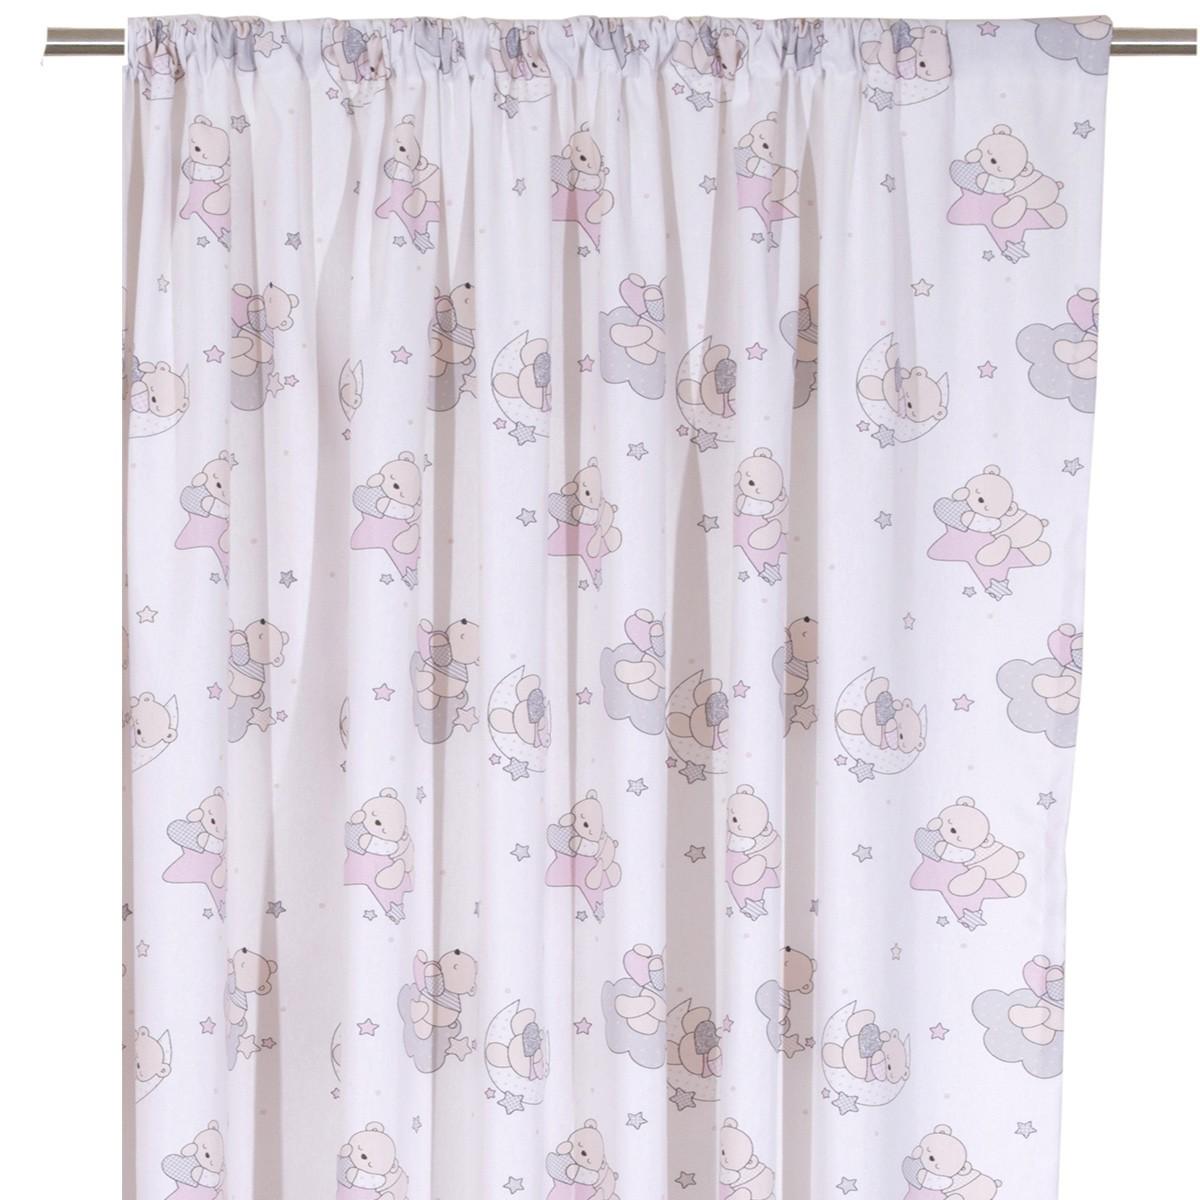 Παιδική Κουρτίνα (160×270) Viopros Curtains Τέντι Ροζ